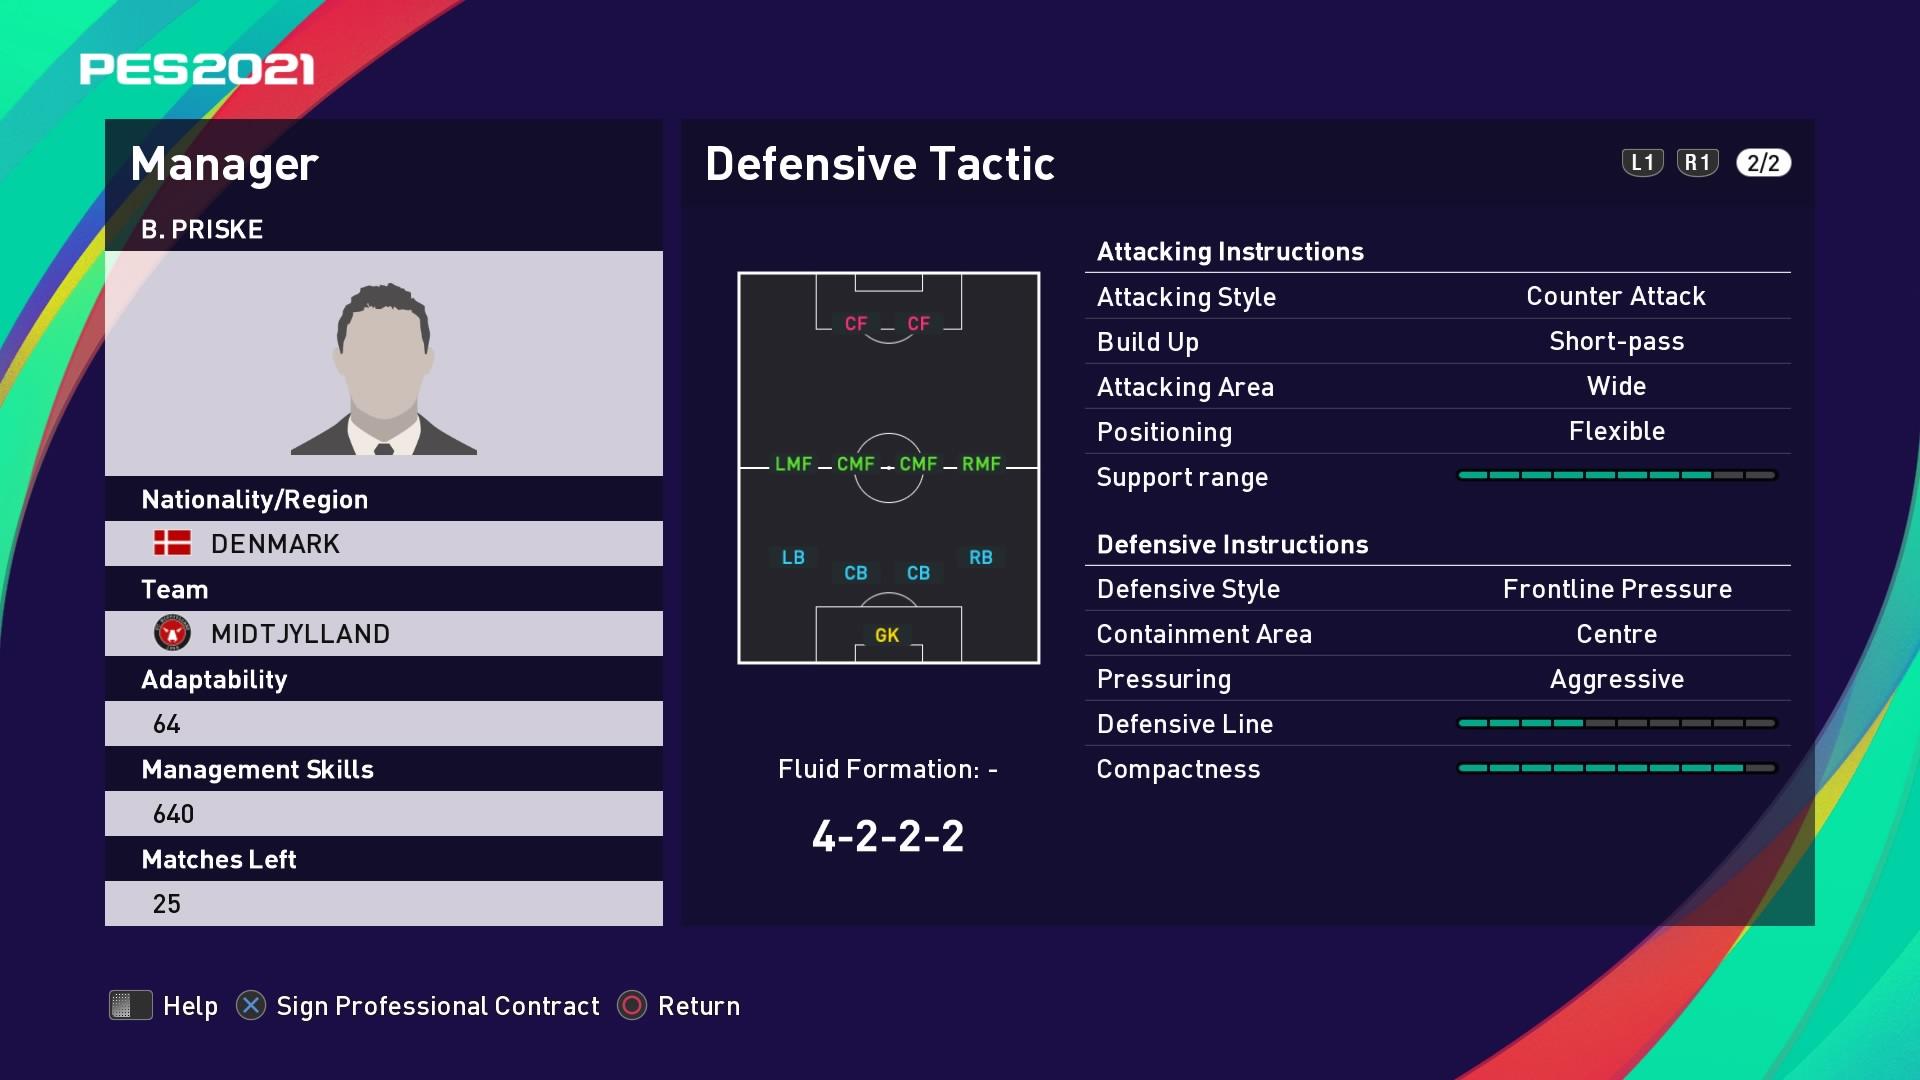 B. Priske (Brian Priske) Defensive Tactic in PES 2021 myClub